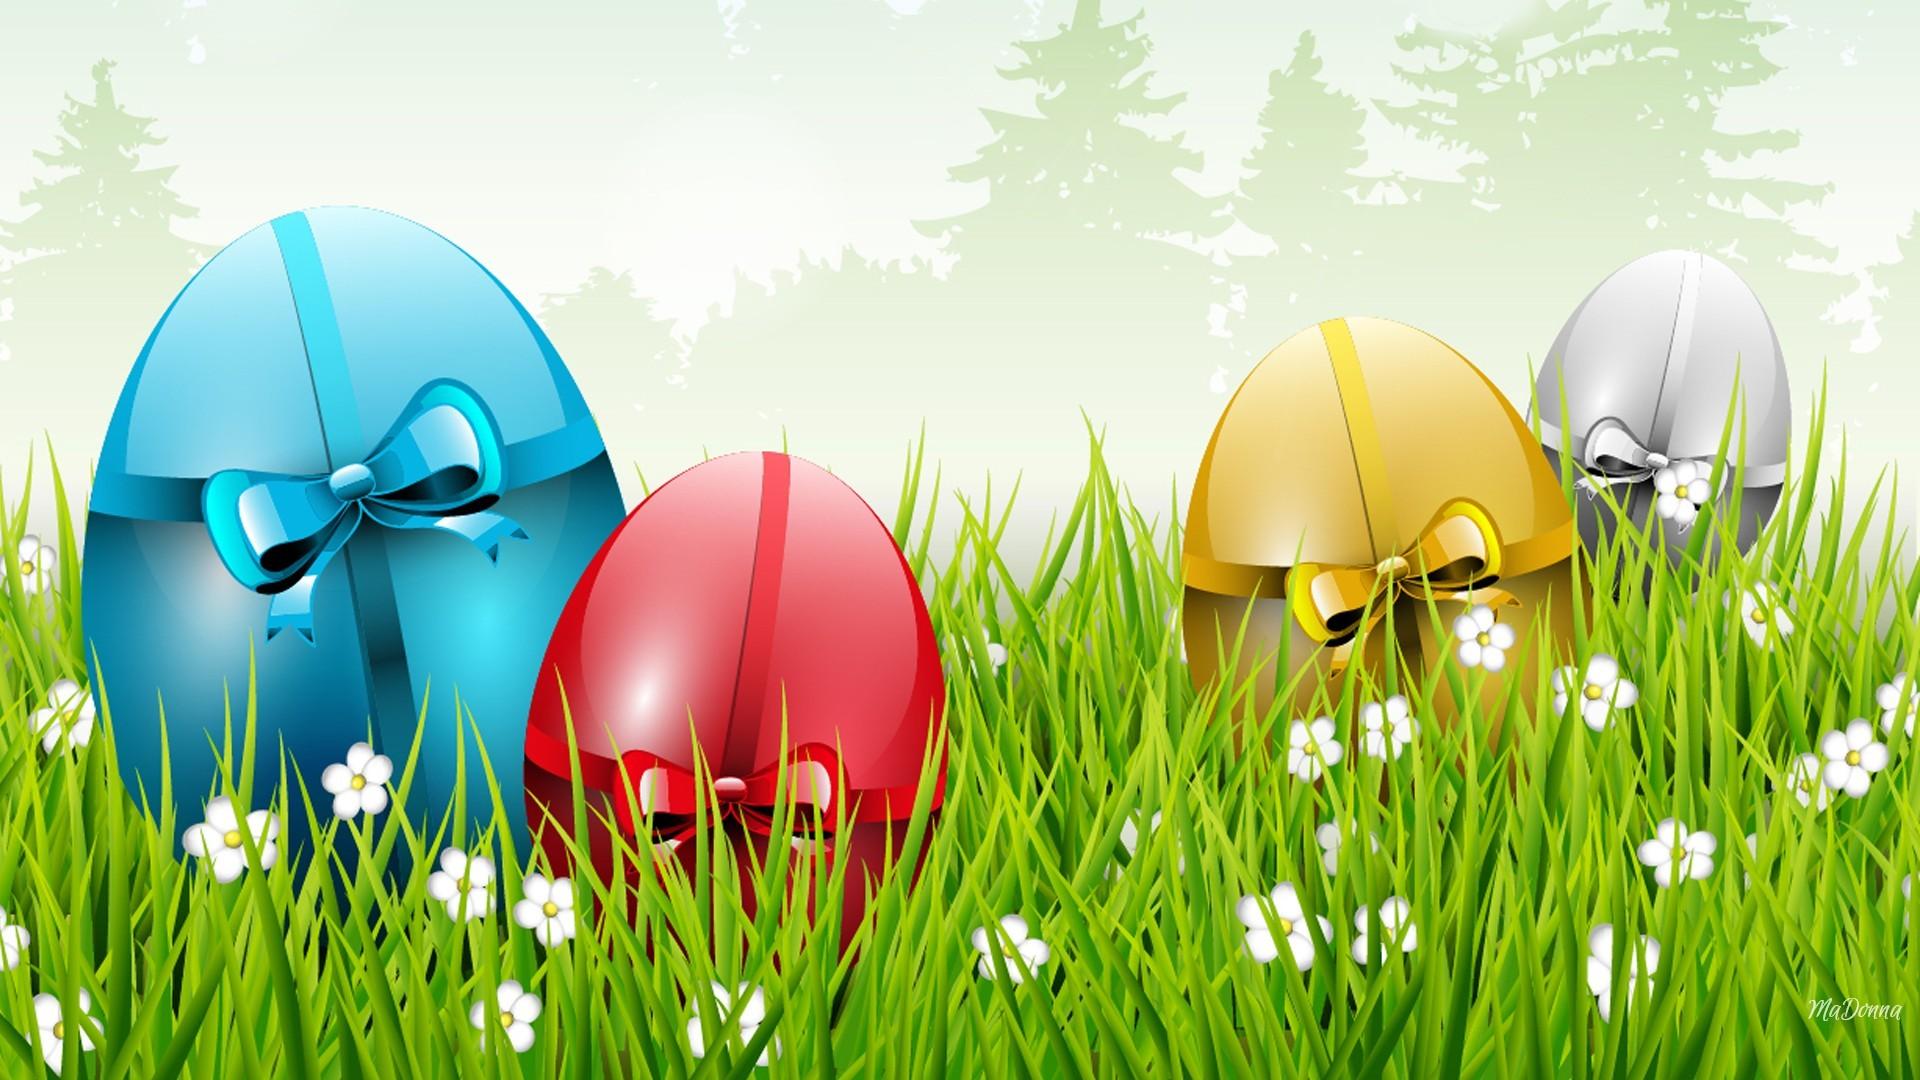 Desktop wallpaper easter 65 images - Easter desktop wallpaper ...